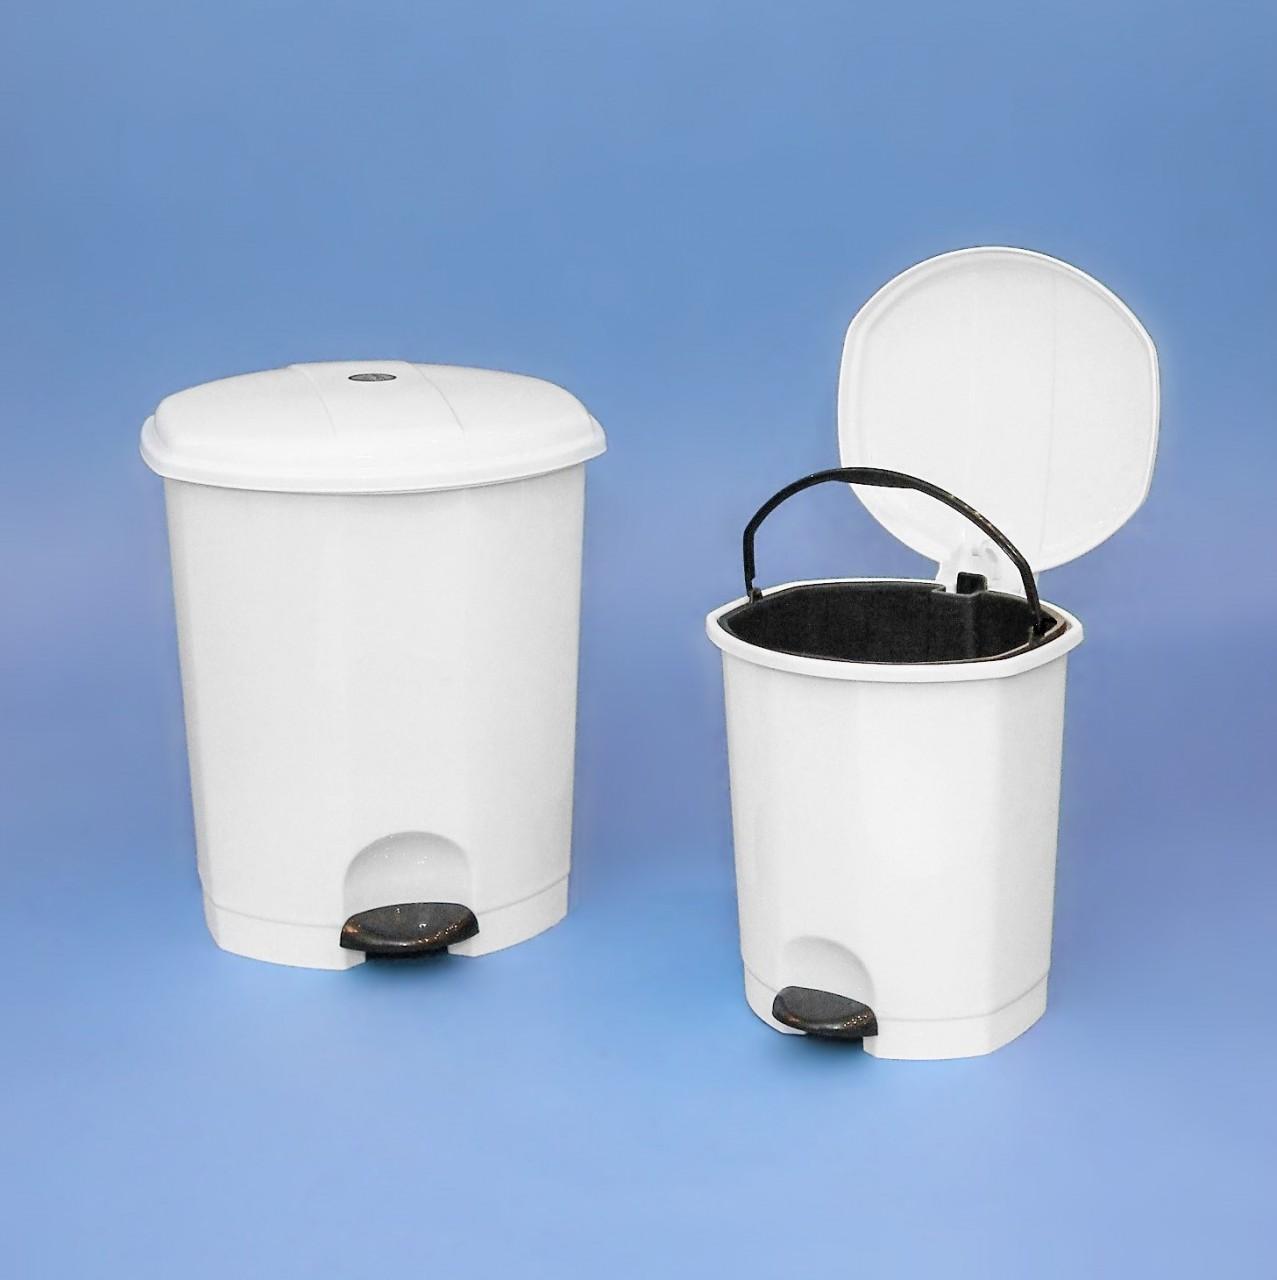 Treteimer 7 - 30 Liter